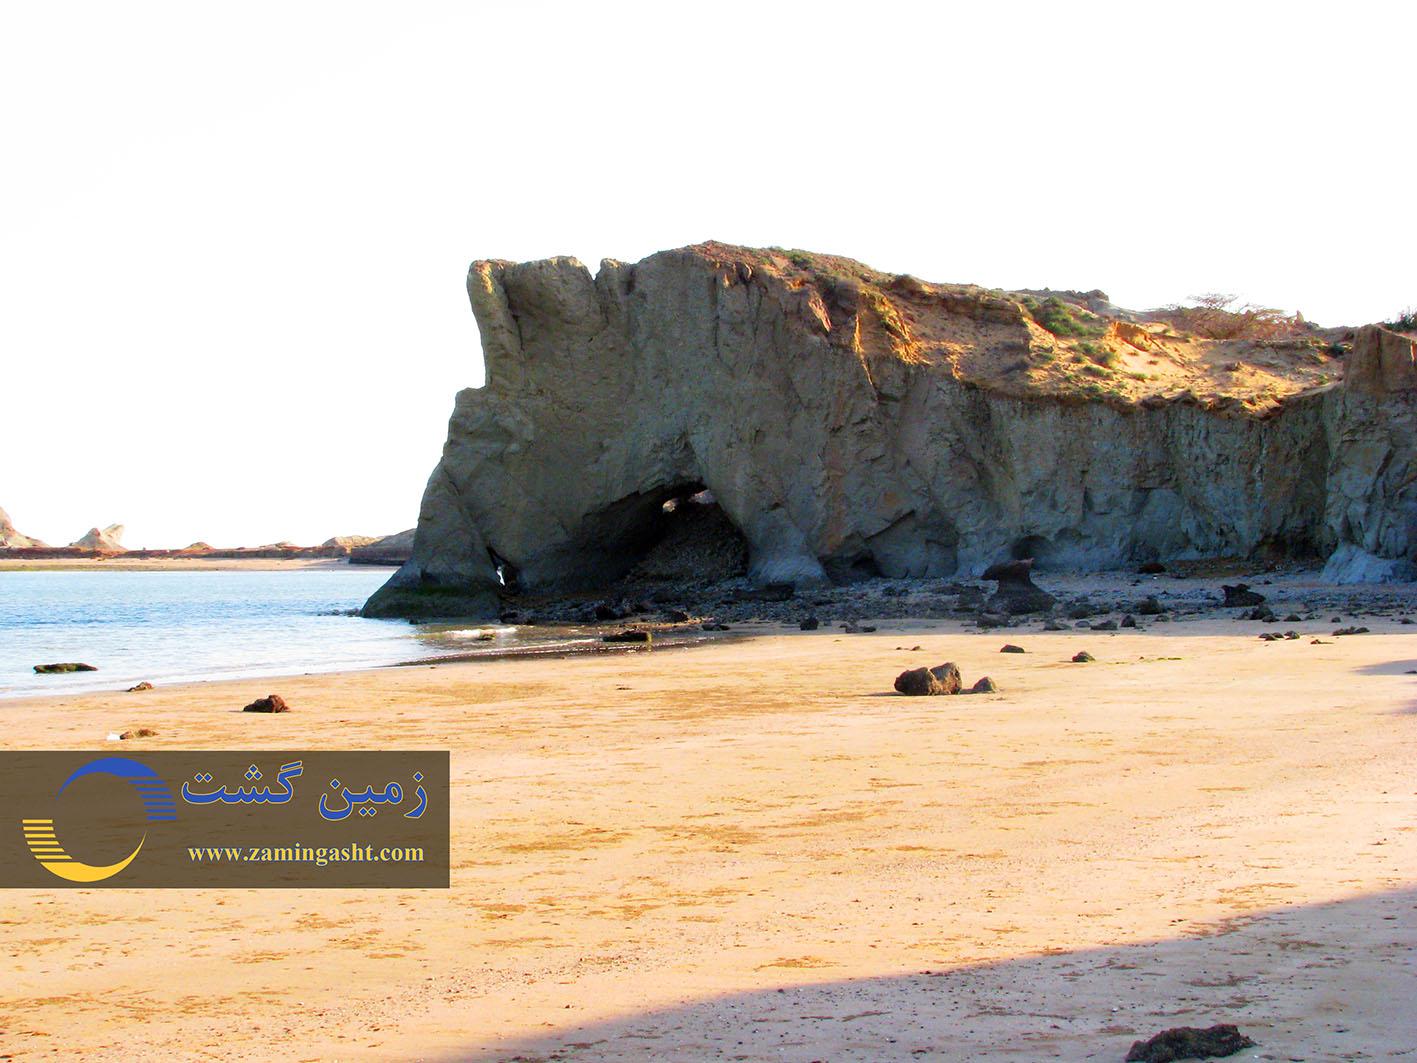 طاق های حاصل از فرسایش آبی دریابارها که به غارهای آبی مشهورند.